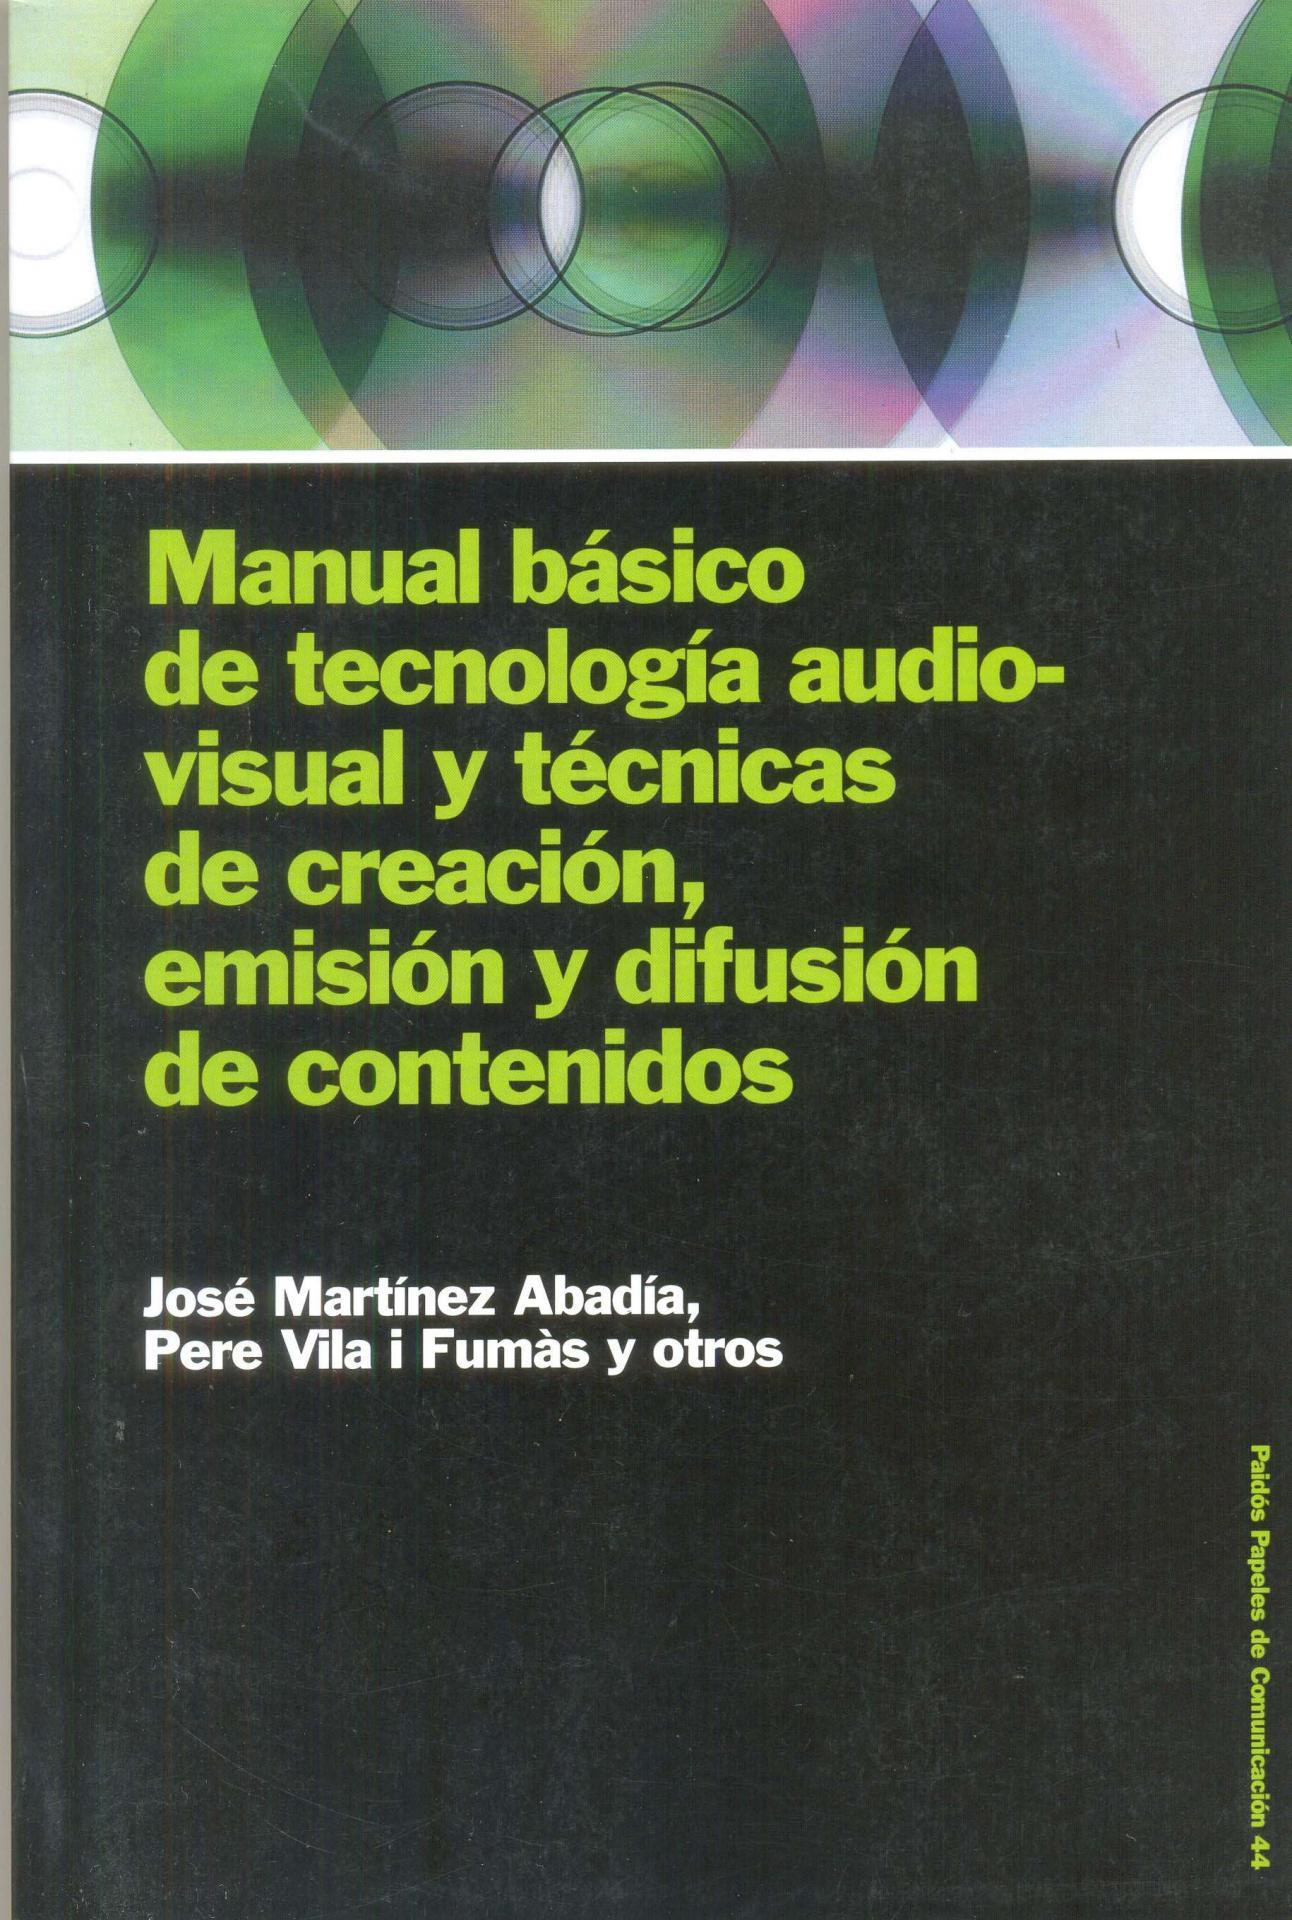 MANUAL BÁSICO DE TECNOLOGÍA AUDIOVISUAL Y TÉCNICAS DE CREACIÓN, EMISIÓN Y DIFUSIÓN DE CONTENIDOS. Martínez, J;Vila i Fumás, P.